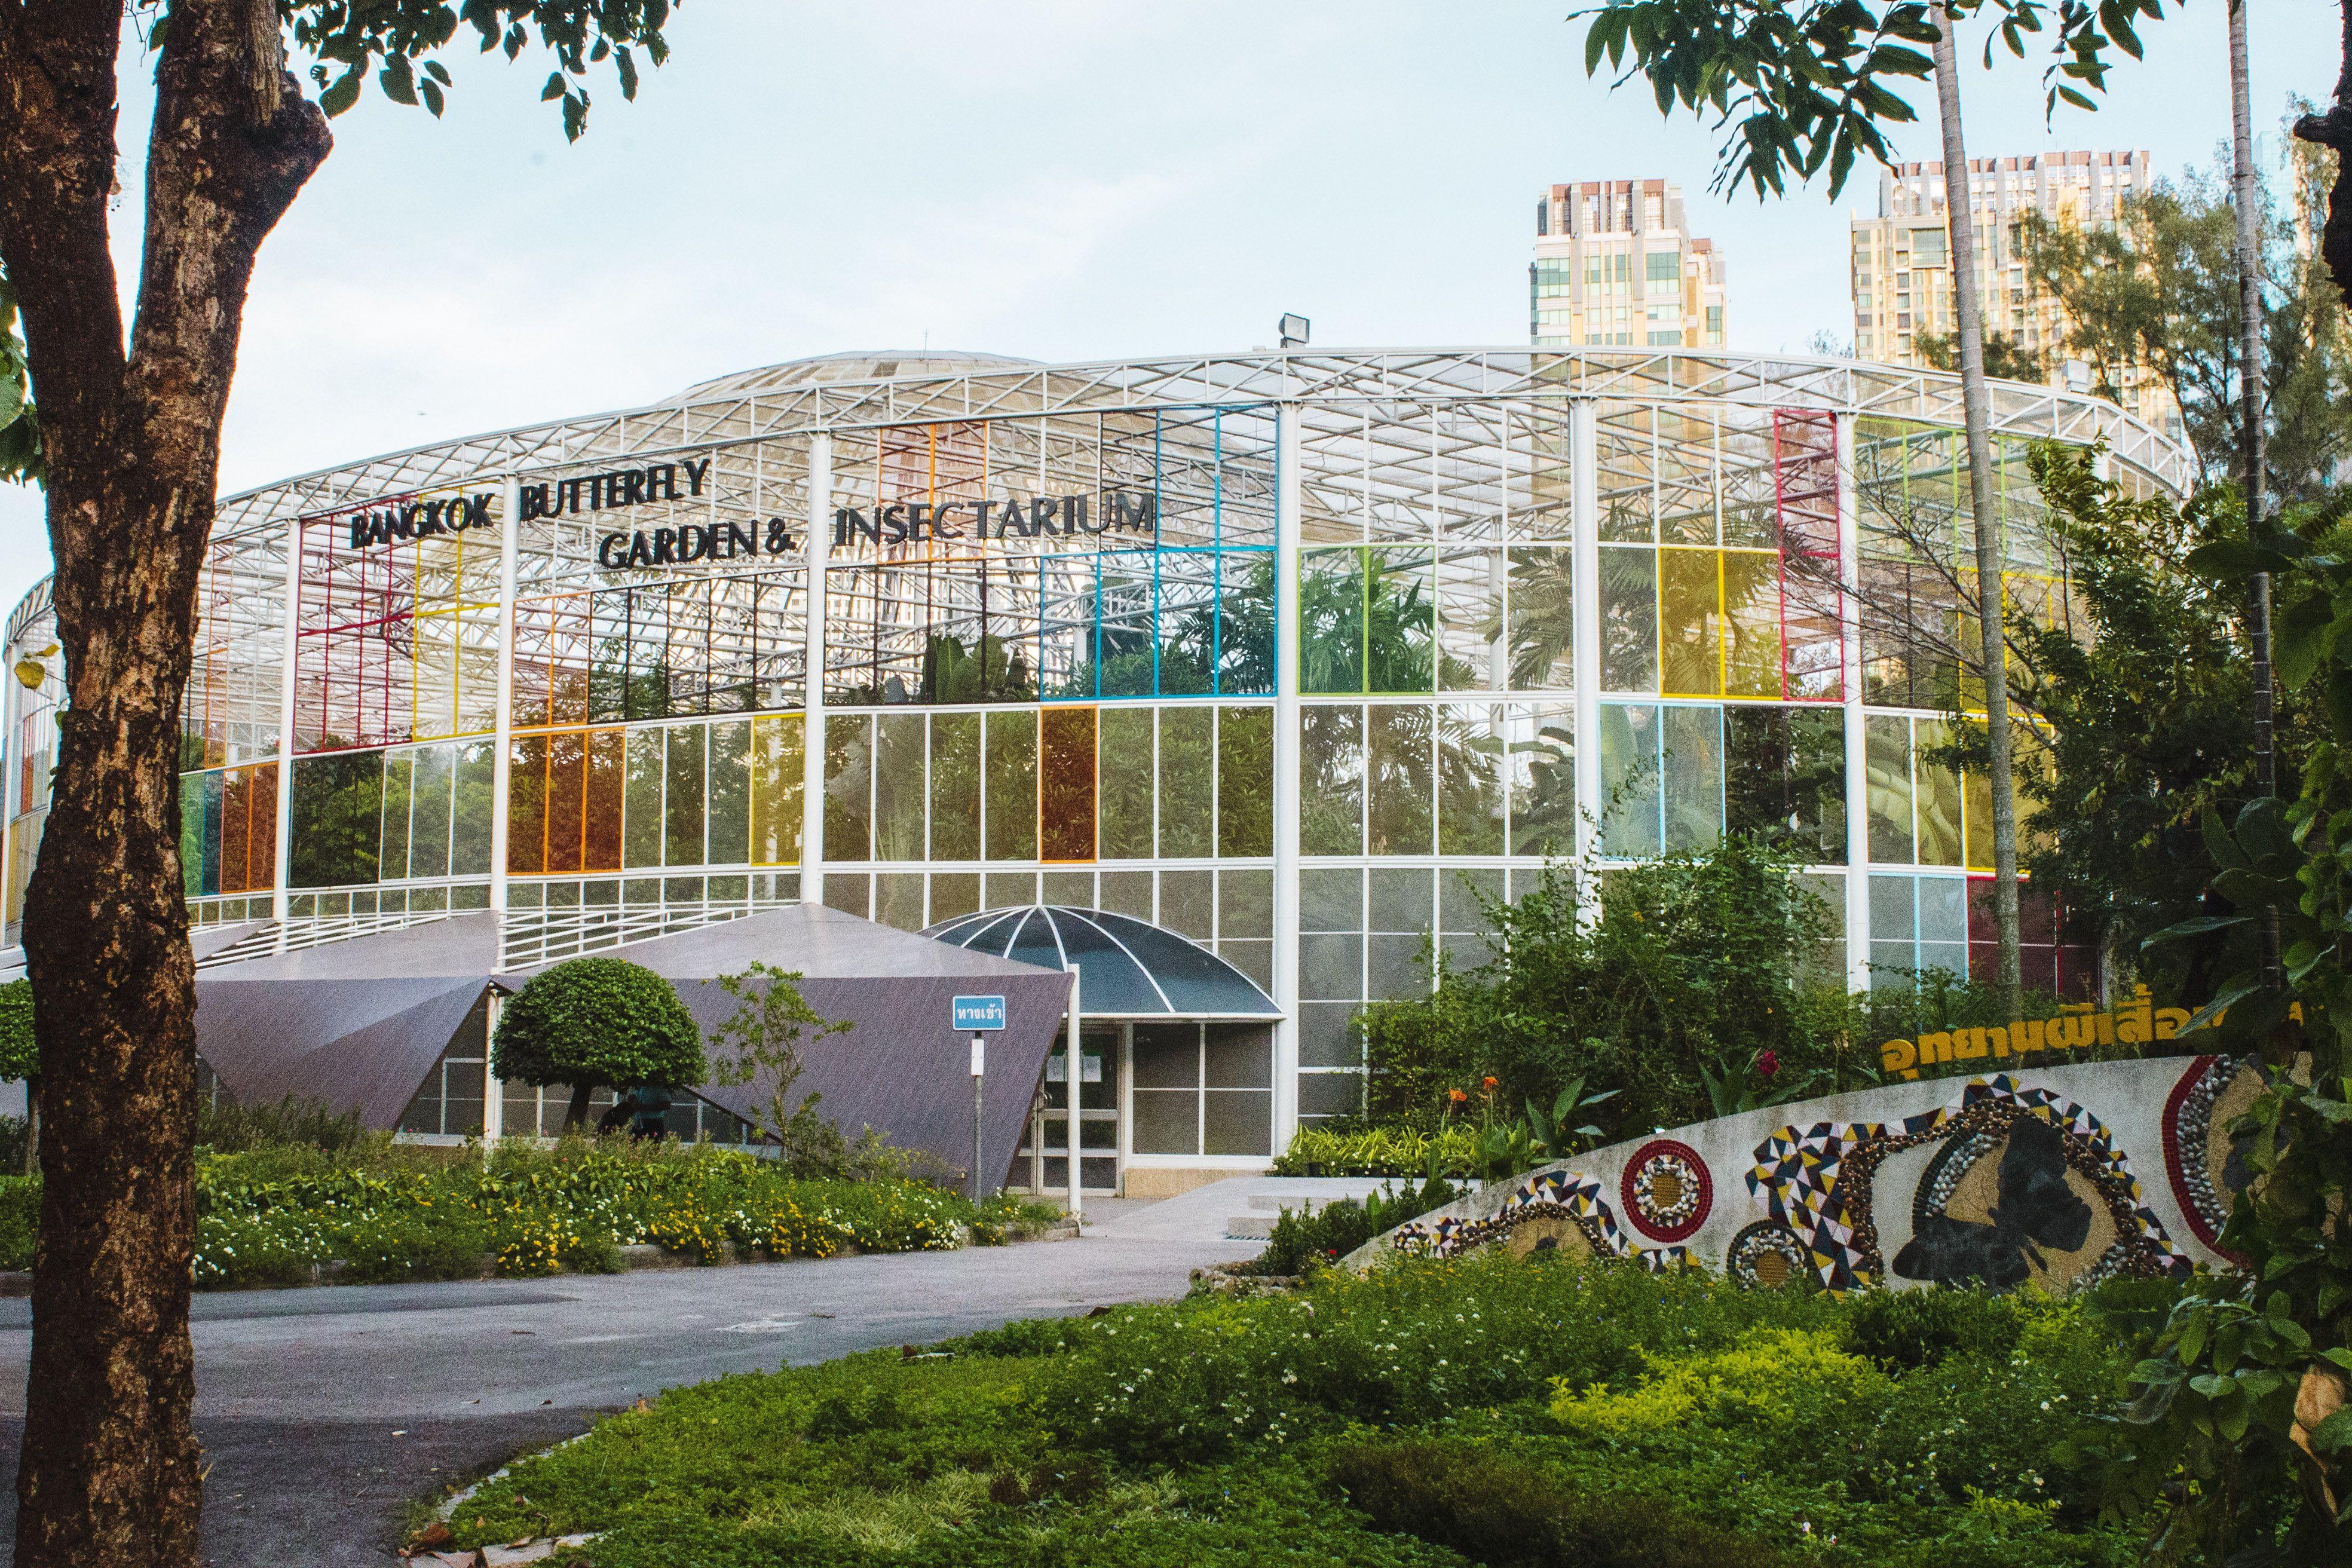 Exterior of the Bangkok Butterfly Garden & Insectarium